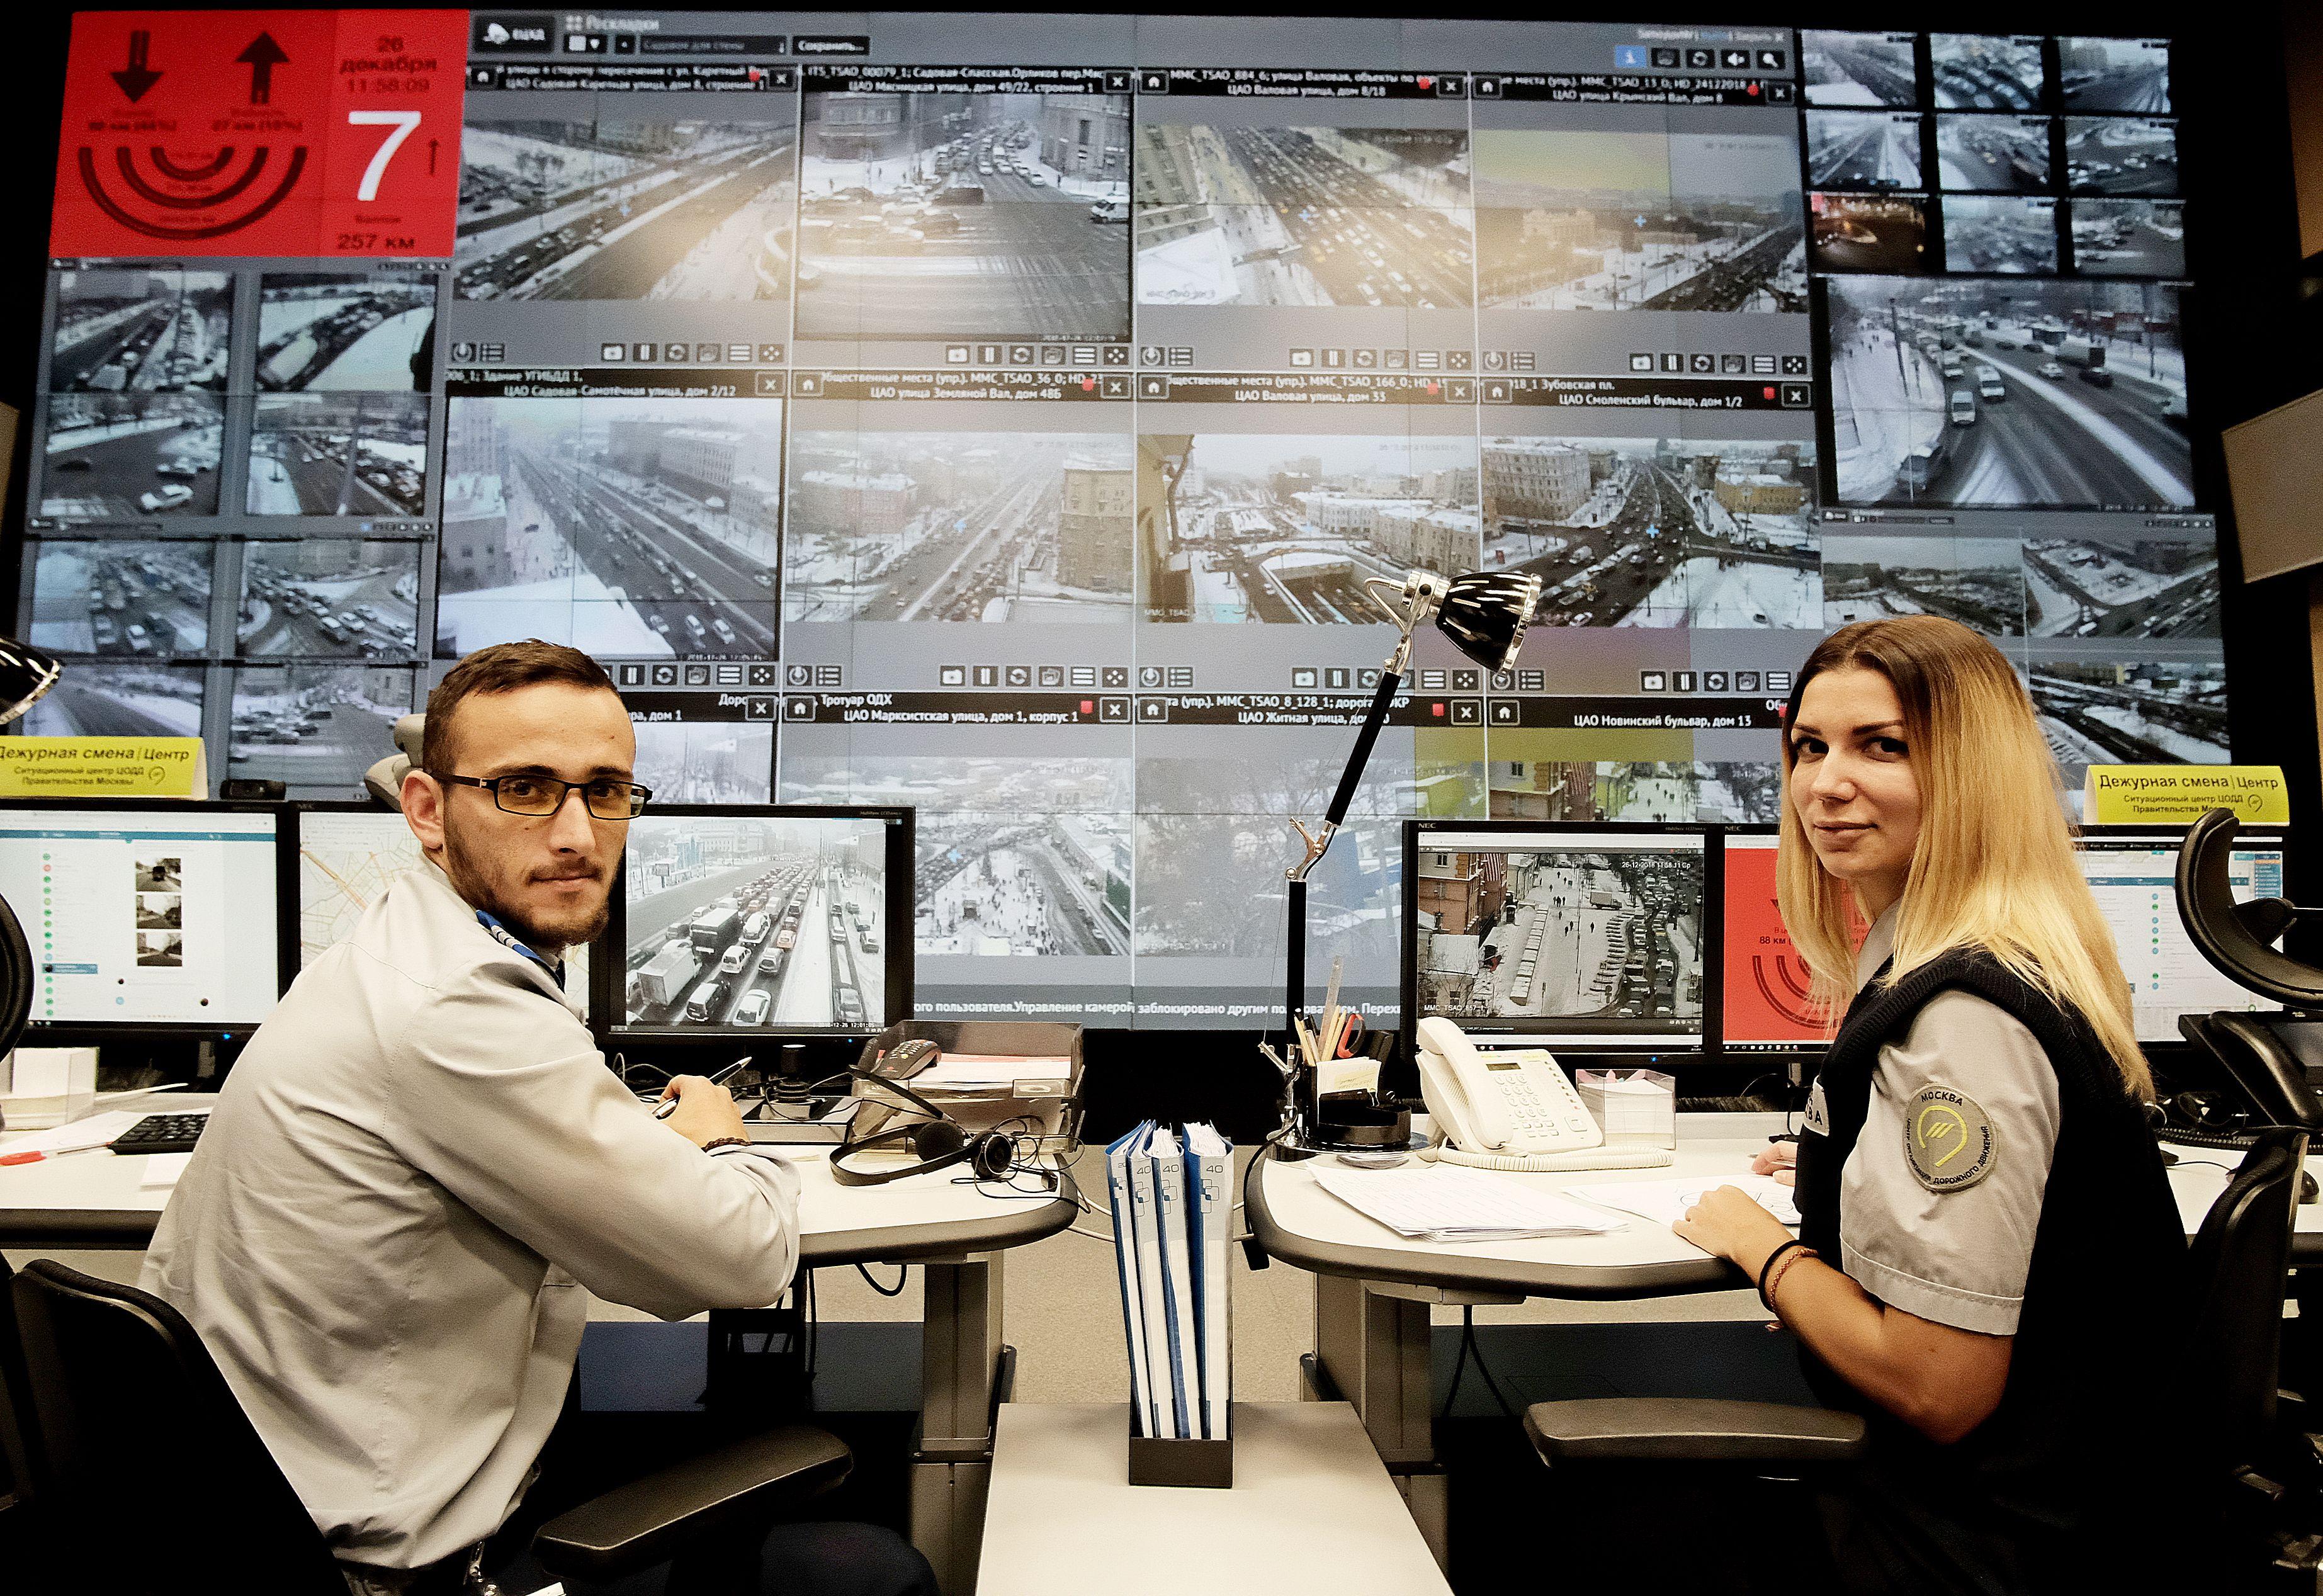 ЦОДД изменит режим работы светофоров в Москве